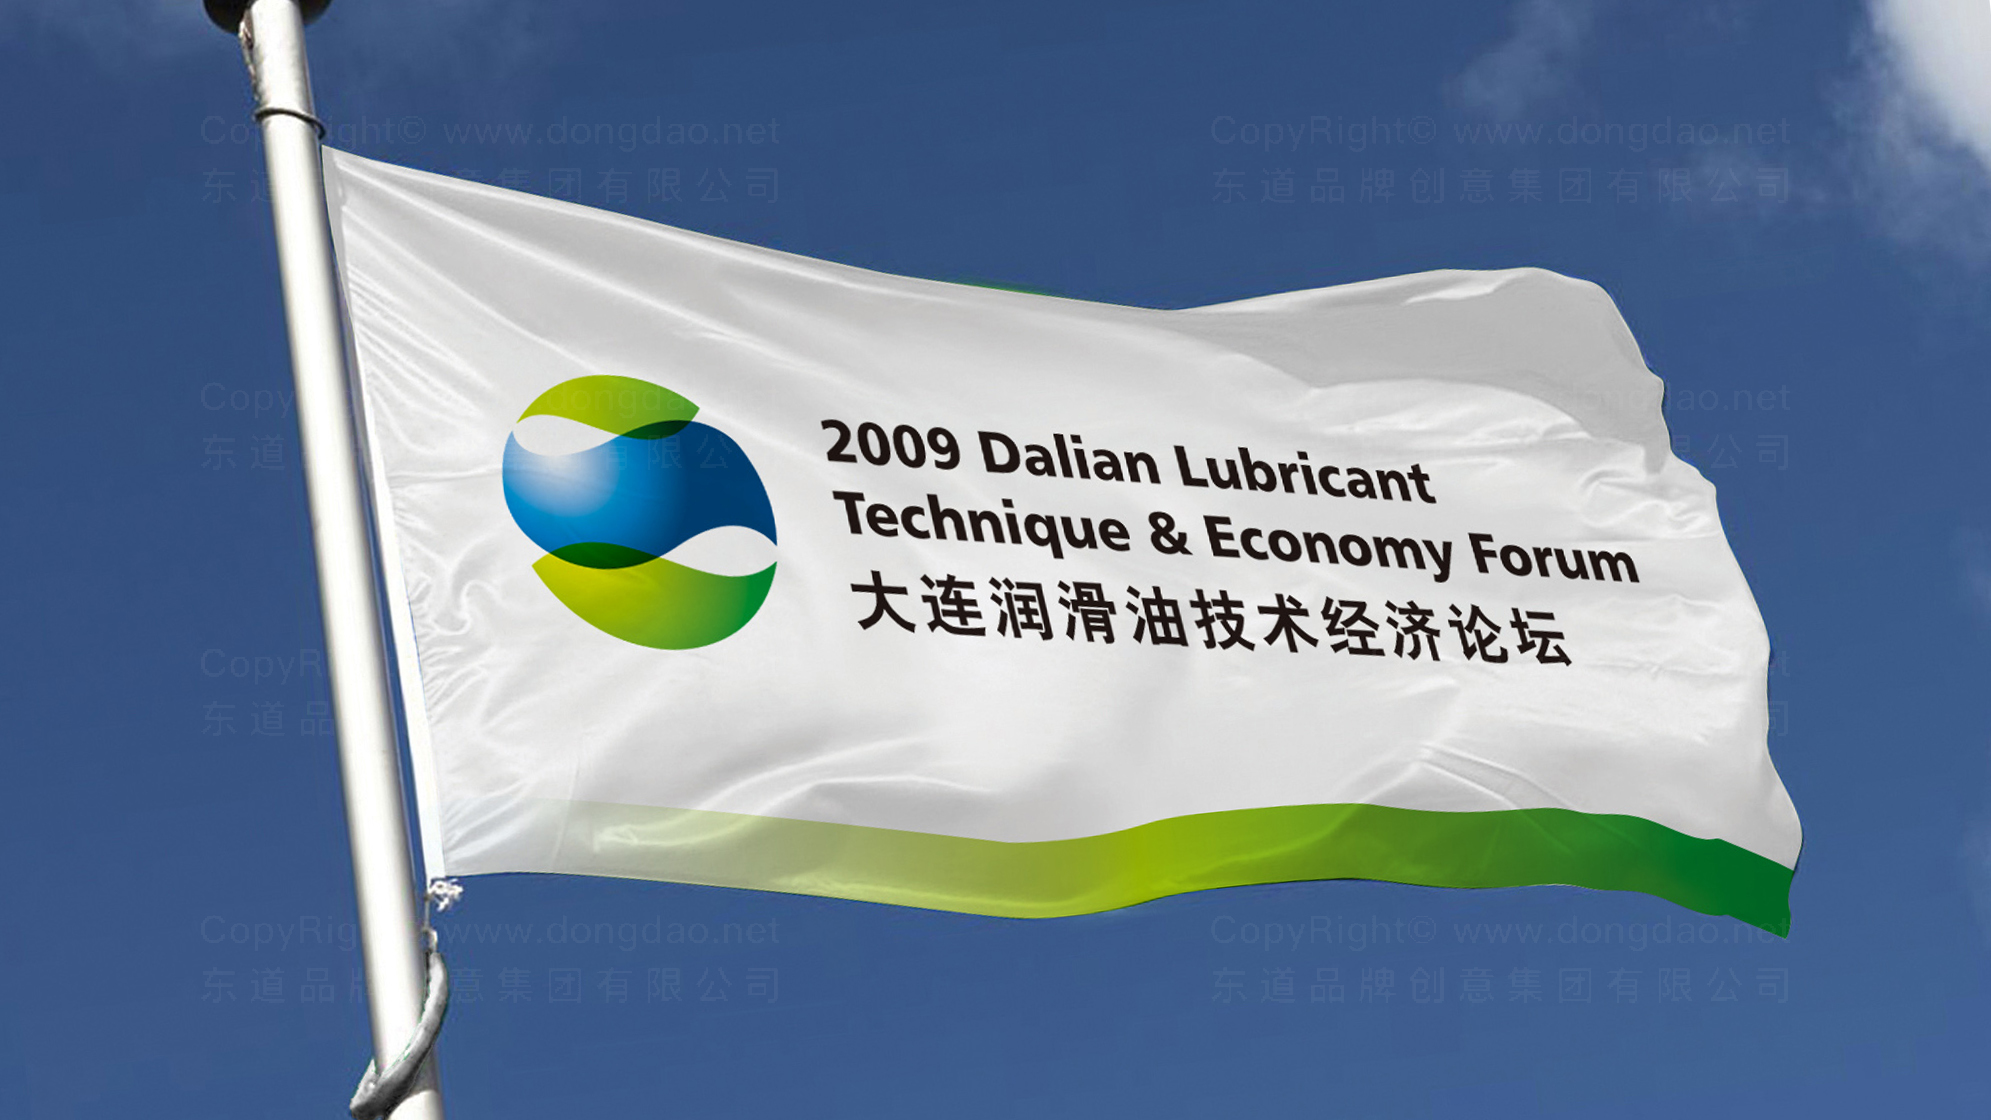 品牌设计案例大连润滑油技术经济论坛LOGO&VI设计